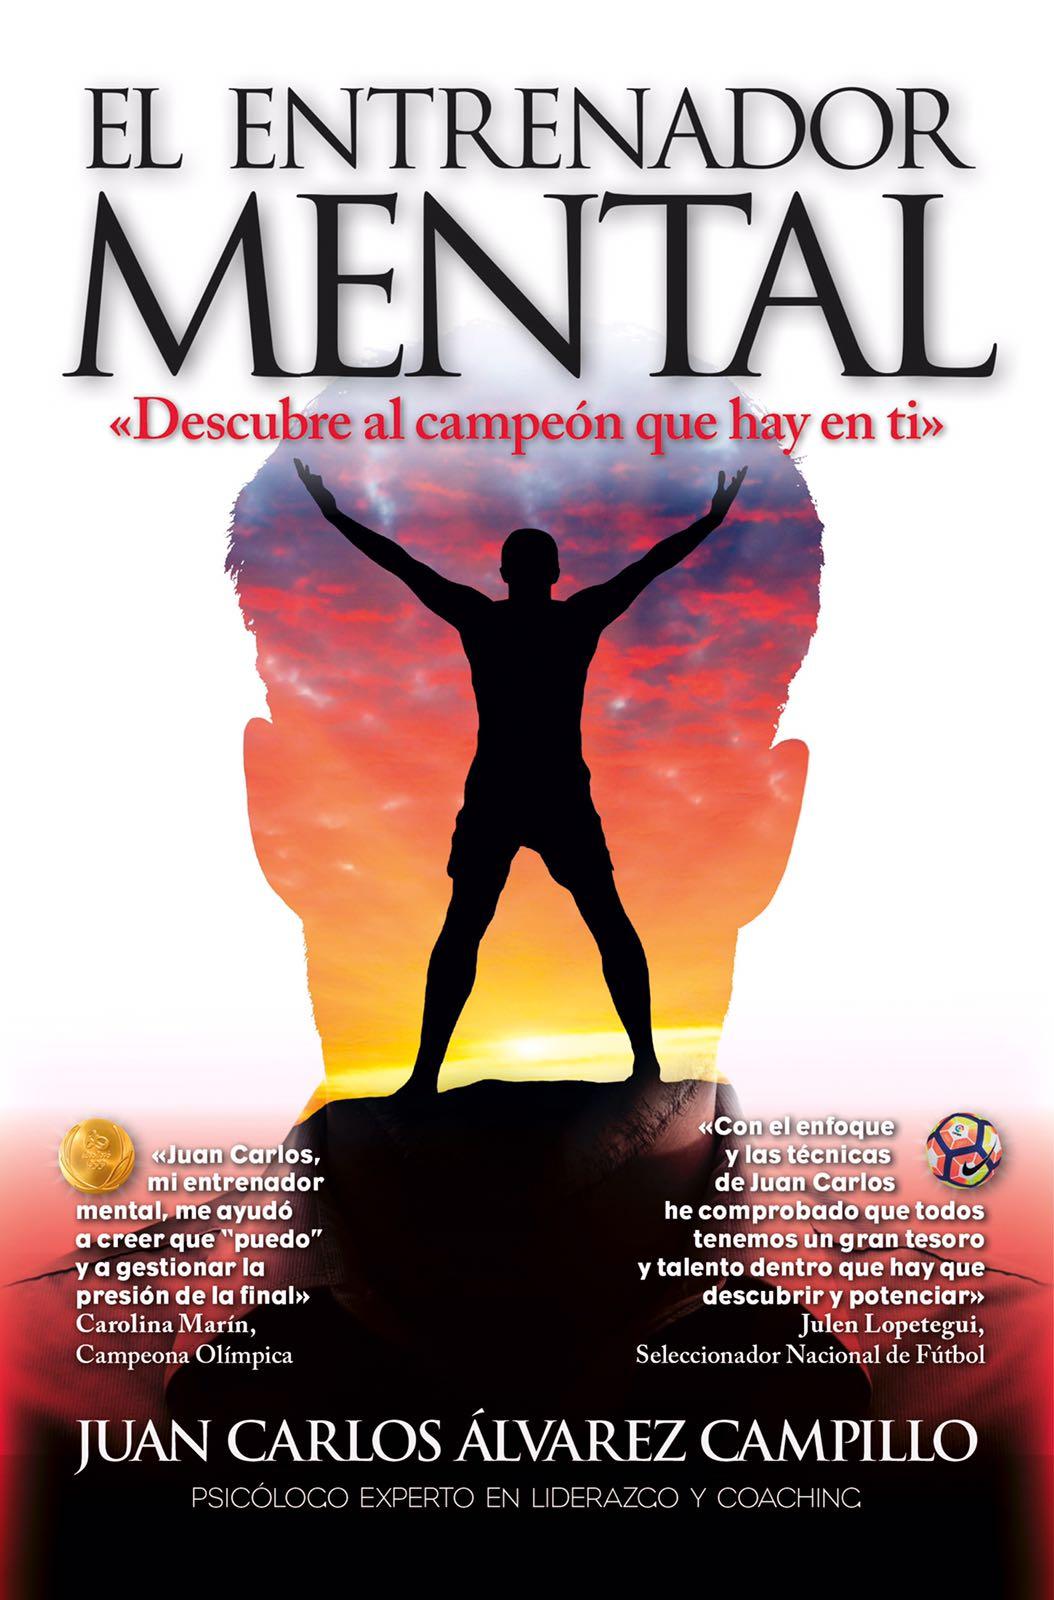 El Entrenador Mental, por Juan Carlos Álvarez Campillo